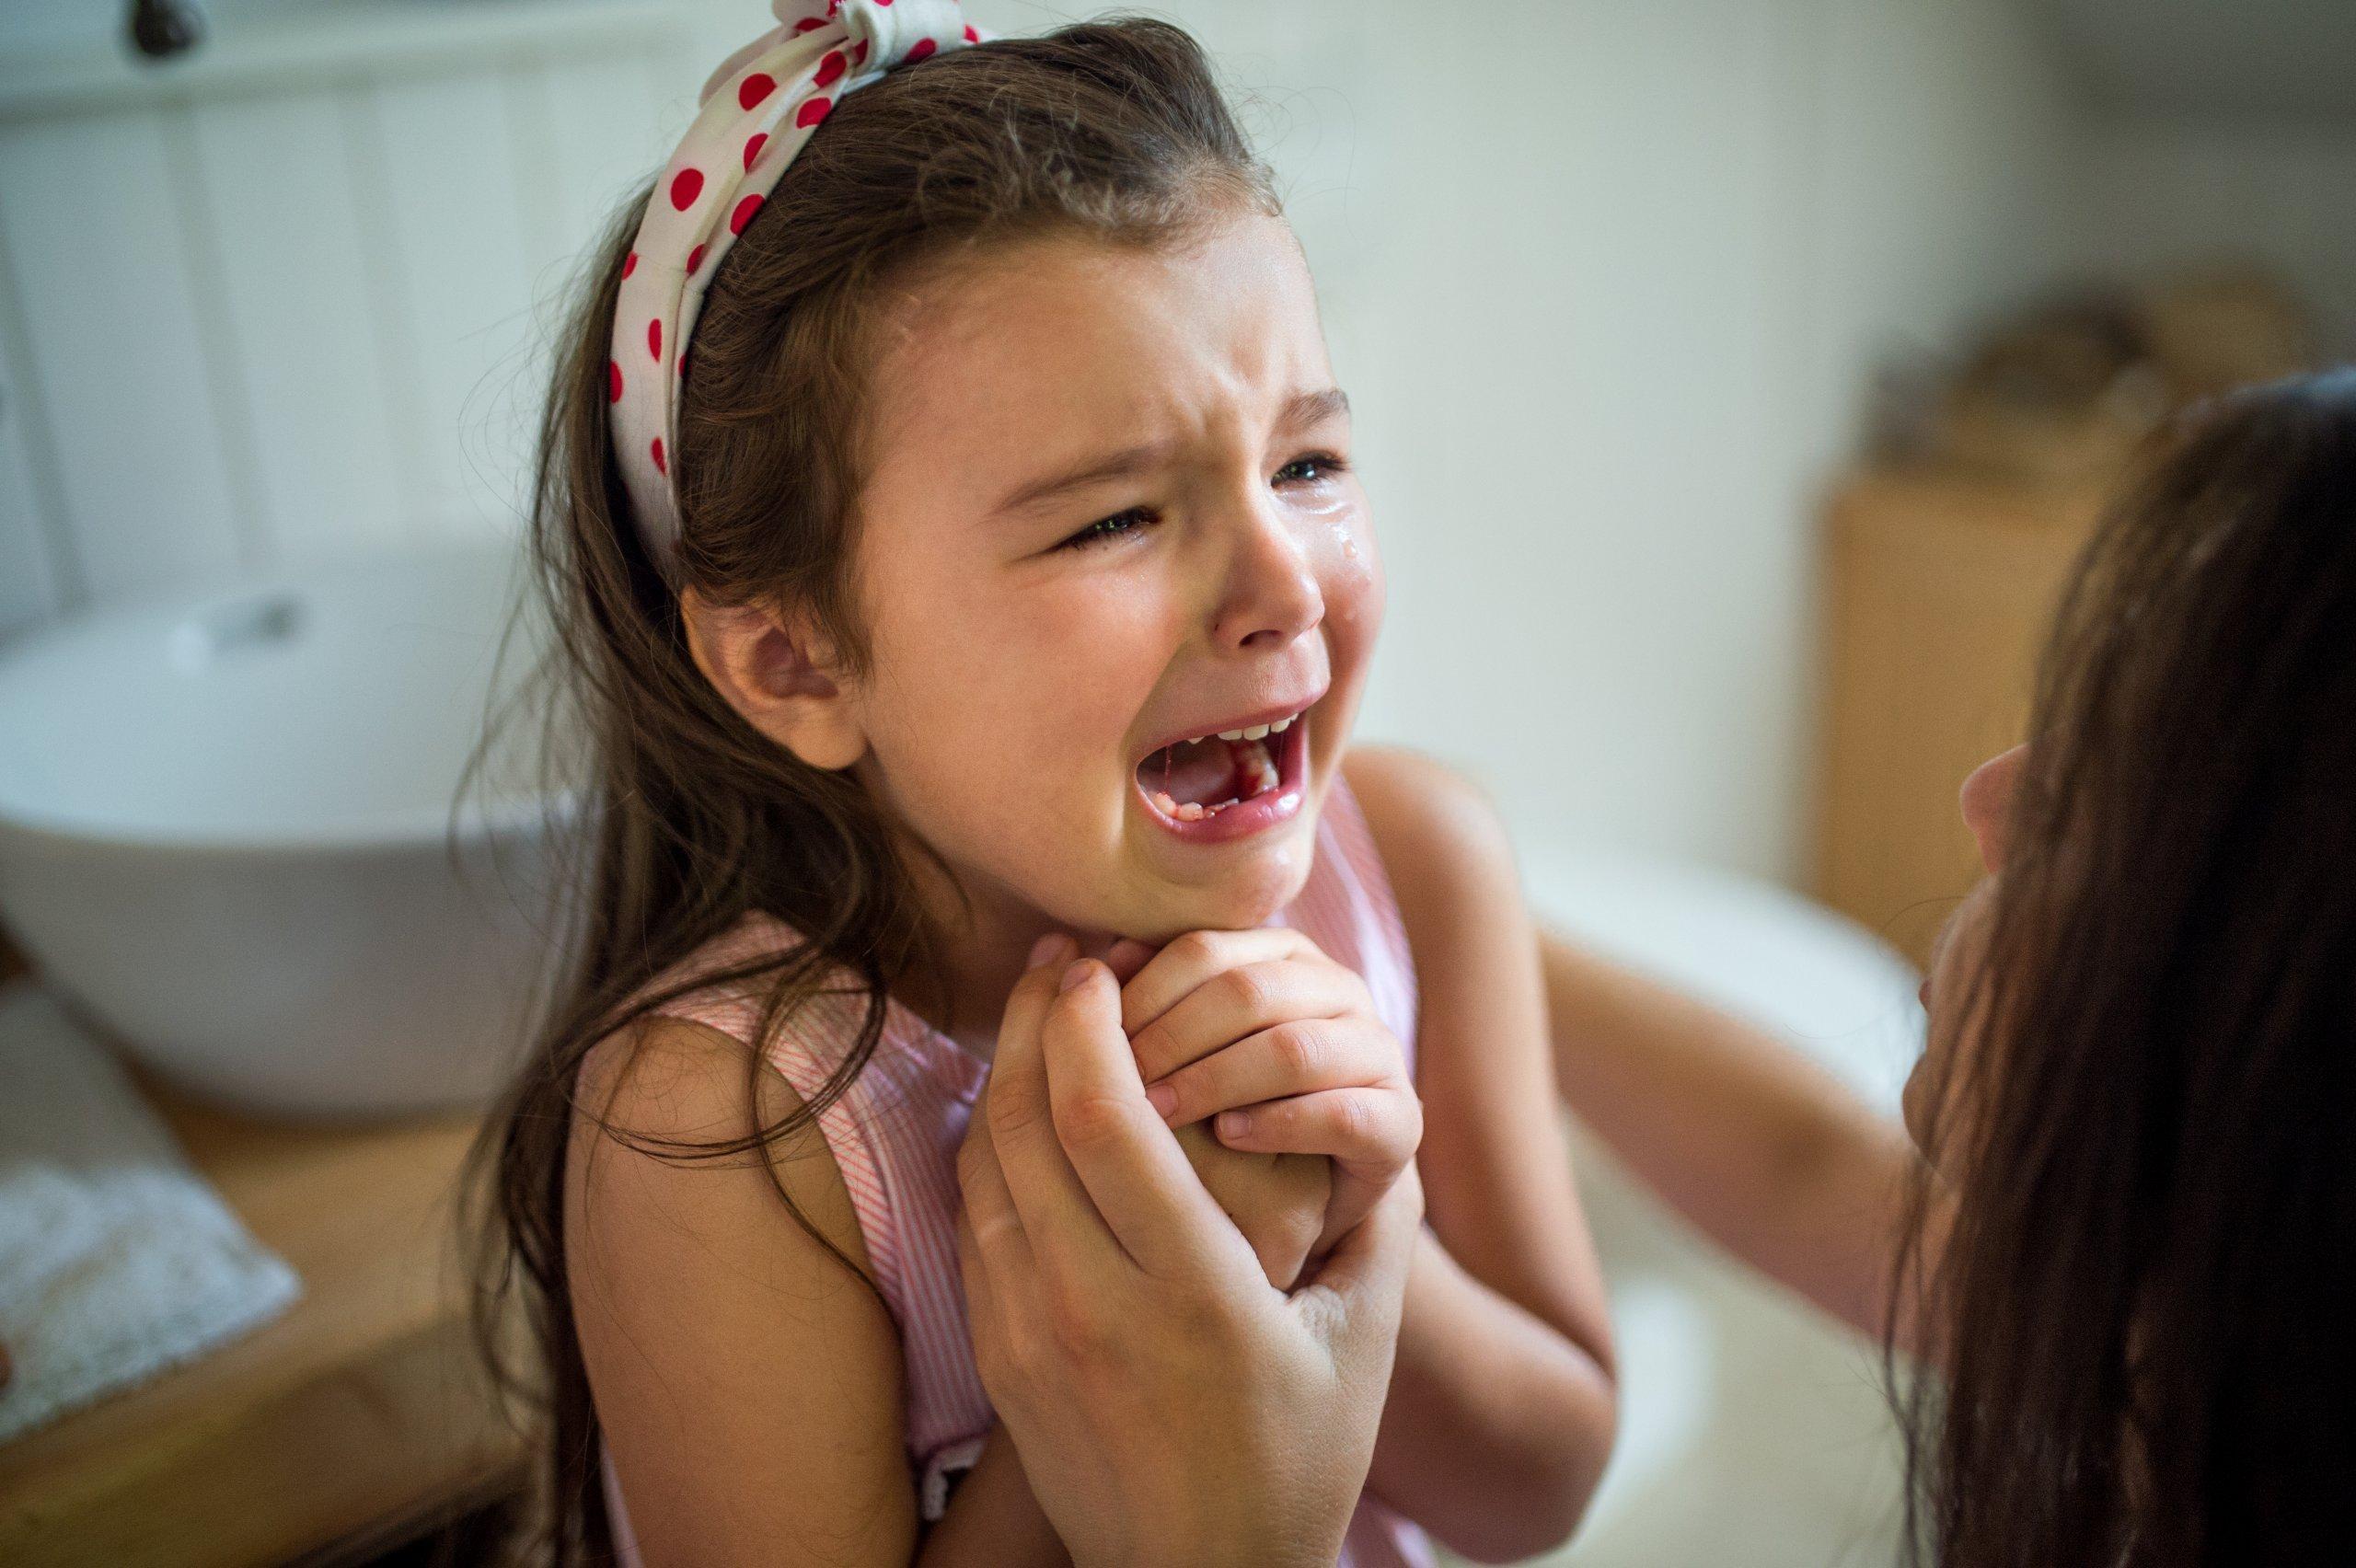 ילדה בוכה - בקיעת שיניים טוחנות תופעות לוואי